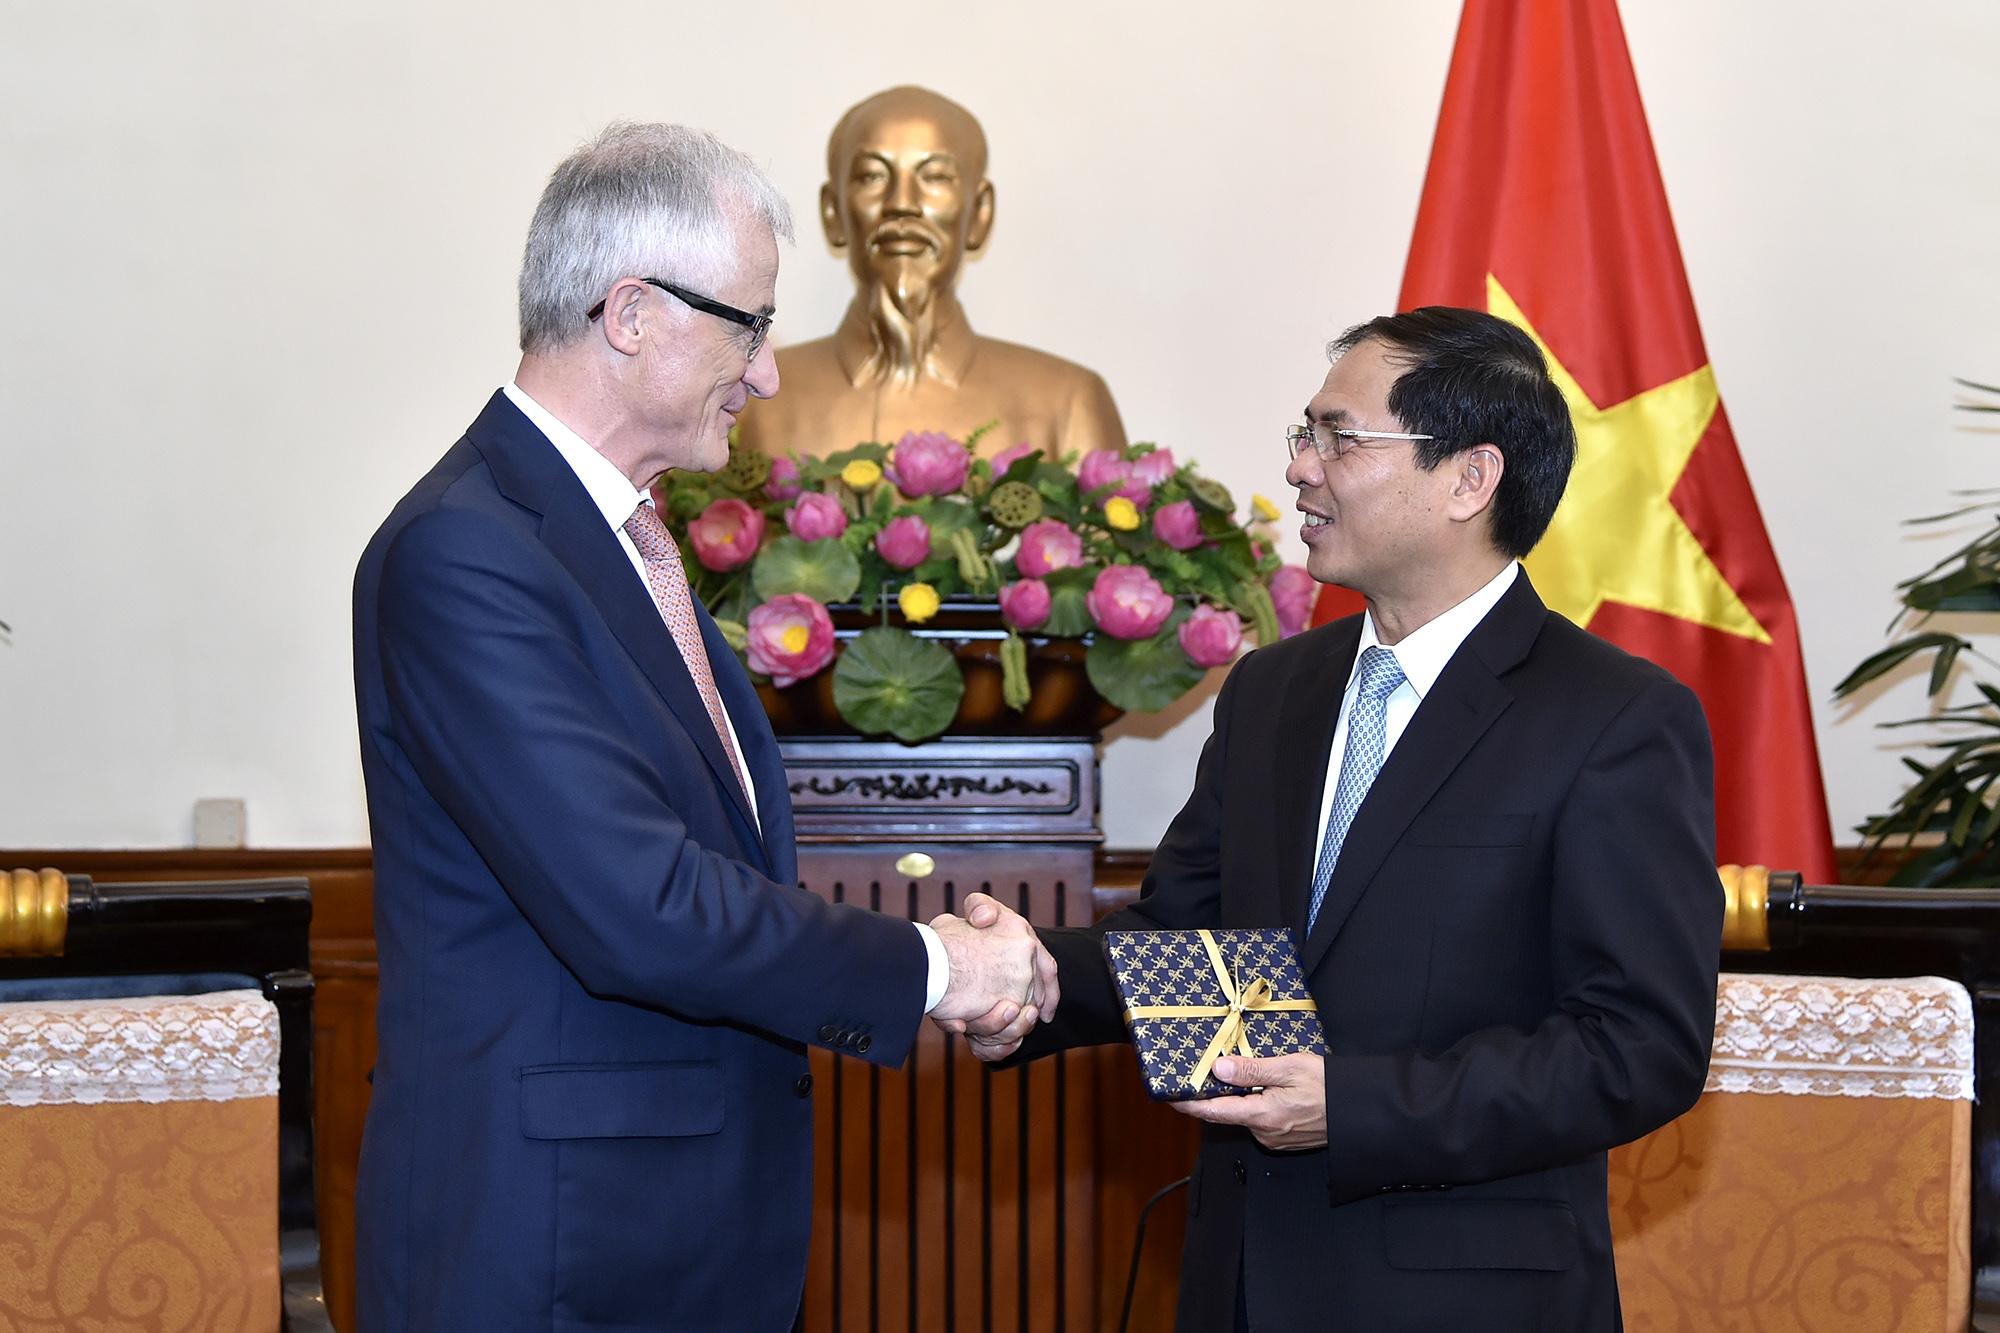 《越欧自贸协定》将让欧盟和越南企业切实获益